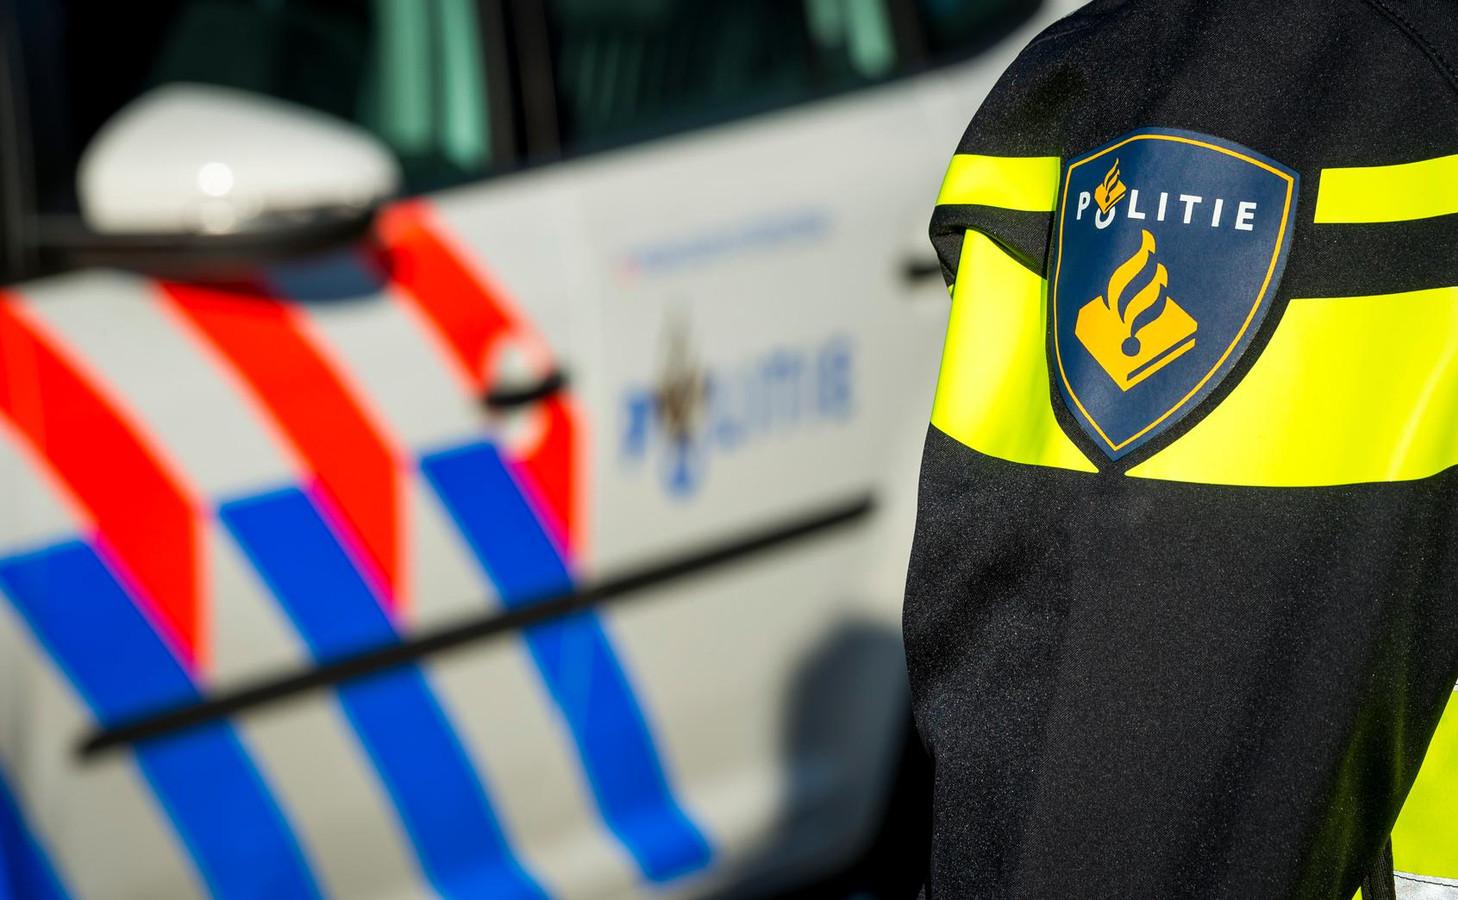 Politiechef Fatima roept haar leidinggevenden op klokkenluiders serieus te gaan nemen.